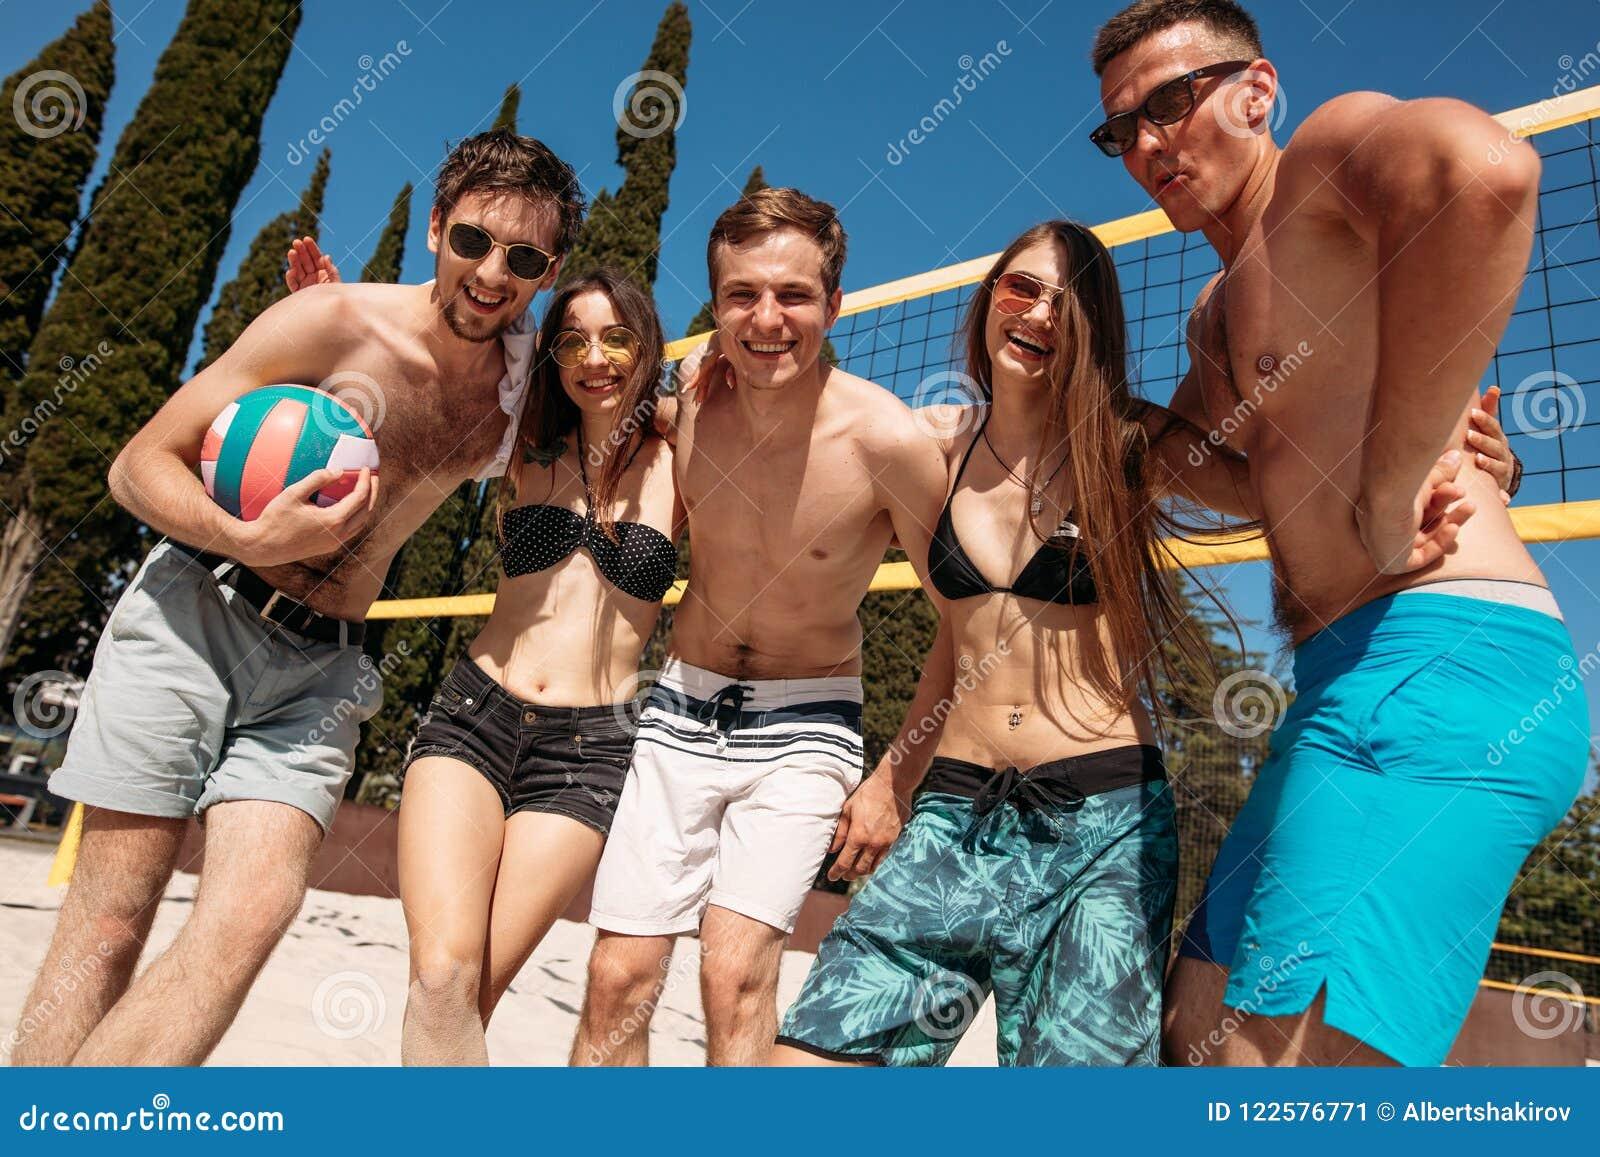 Gruppe Freunde, die Strandsalve - Multi-Ethikgruppe von personen hat Spaß auf dem Strand spielen